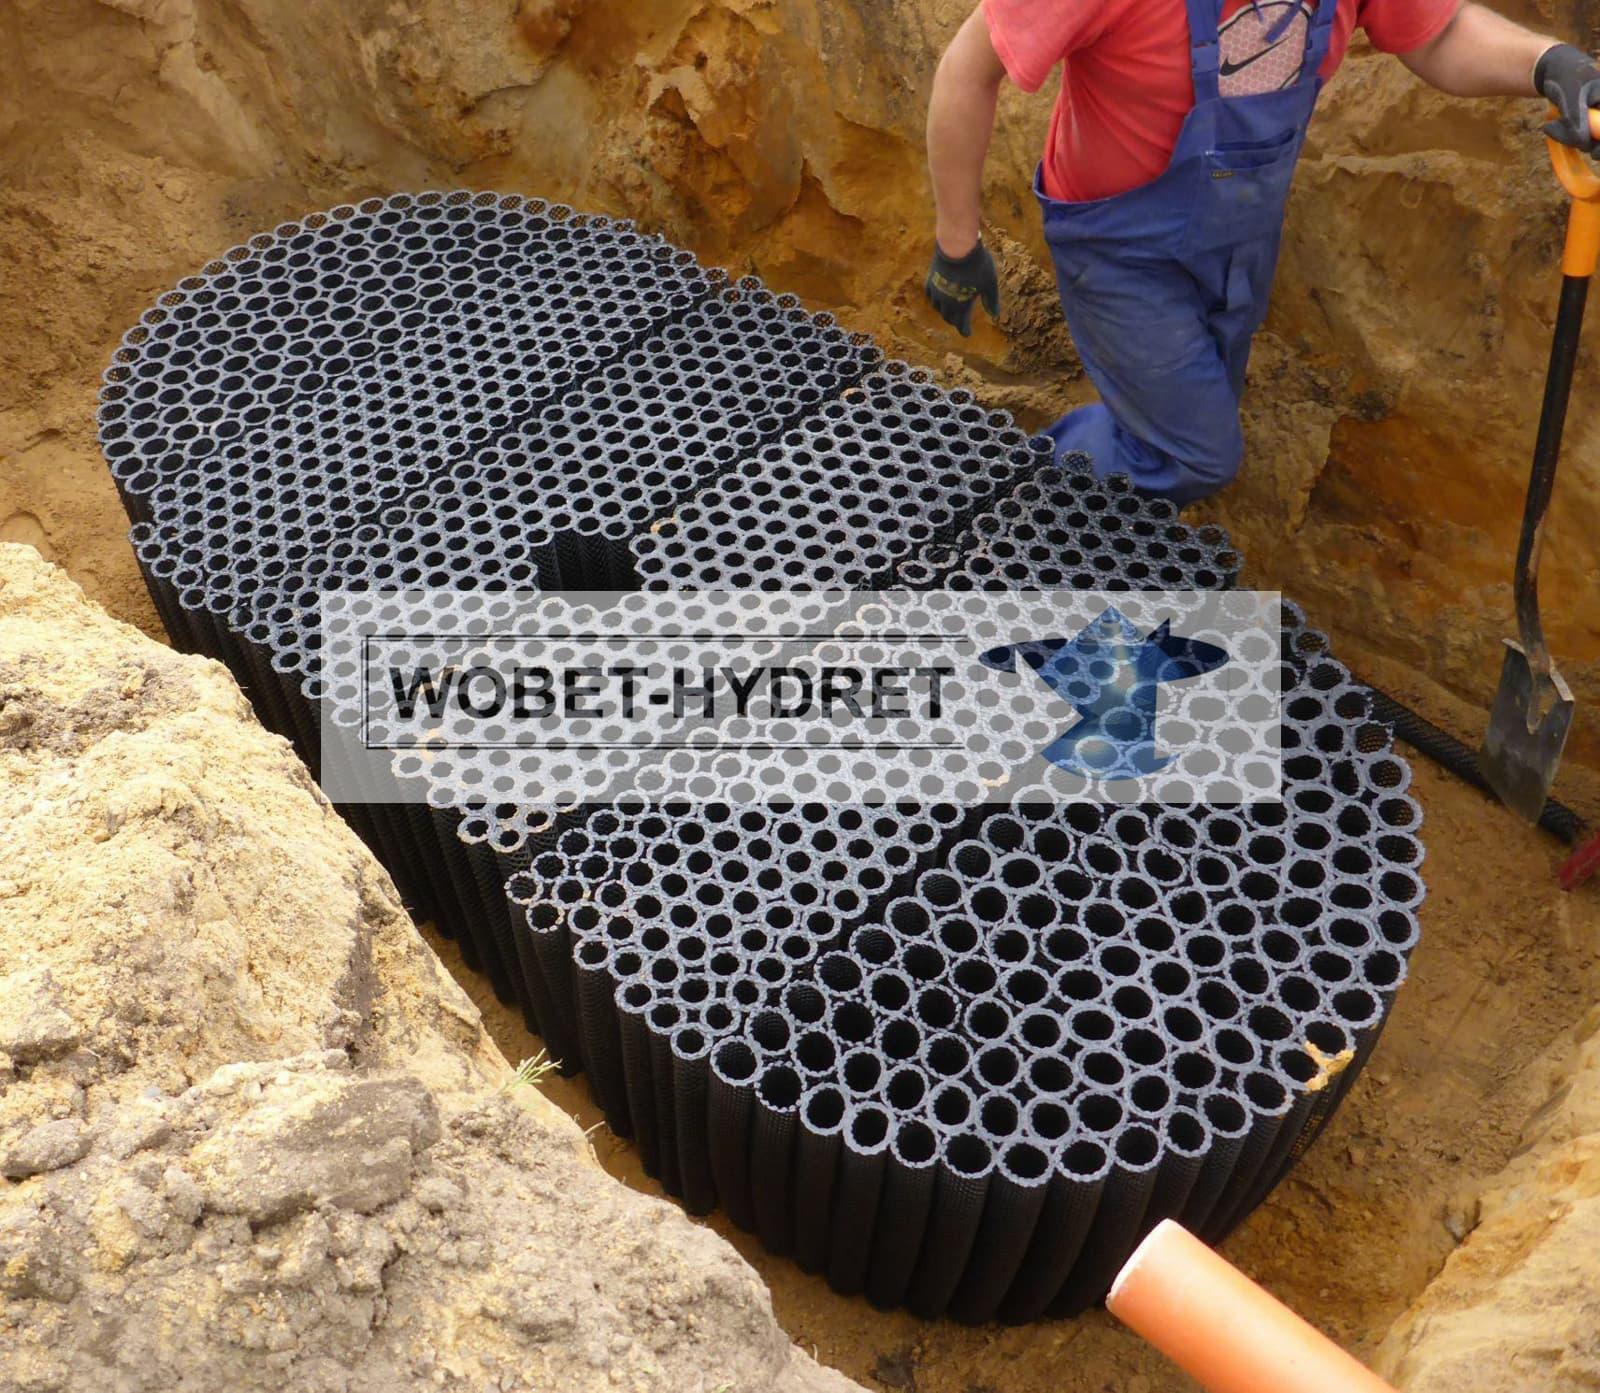 Inne rodzaje Pakiety rozsączające i zbiorniki na deszczówkę - Pozostałe wyroby QP28